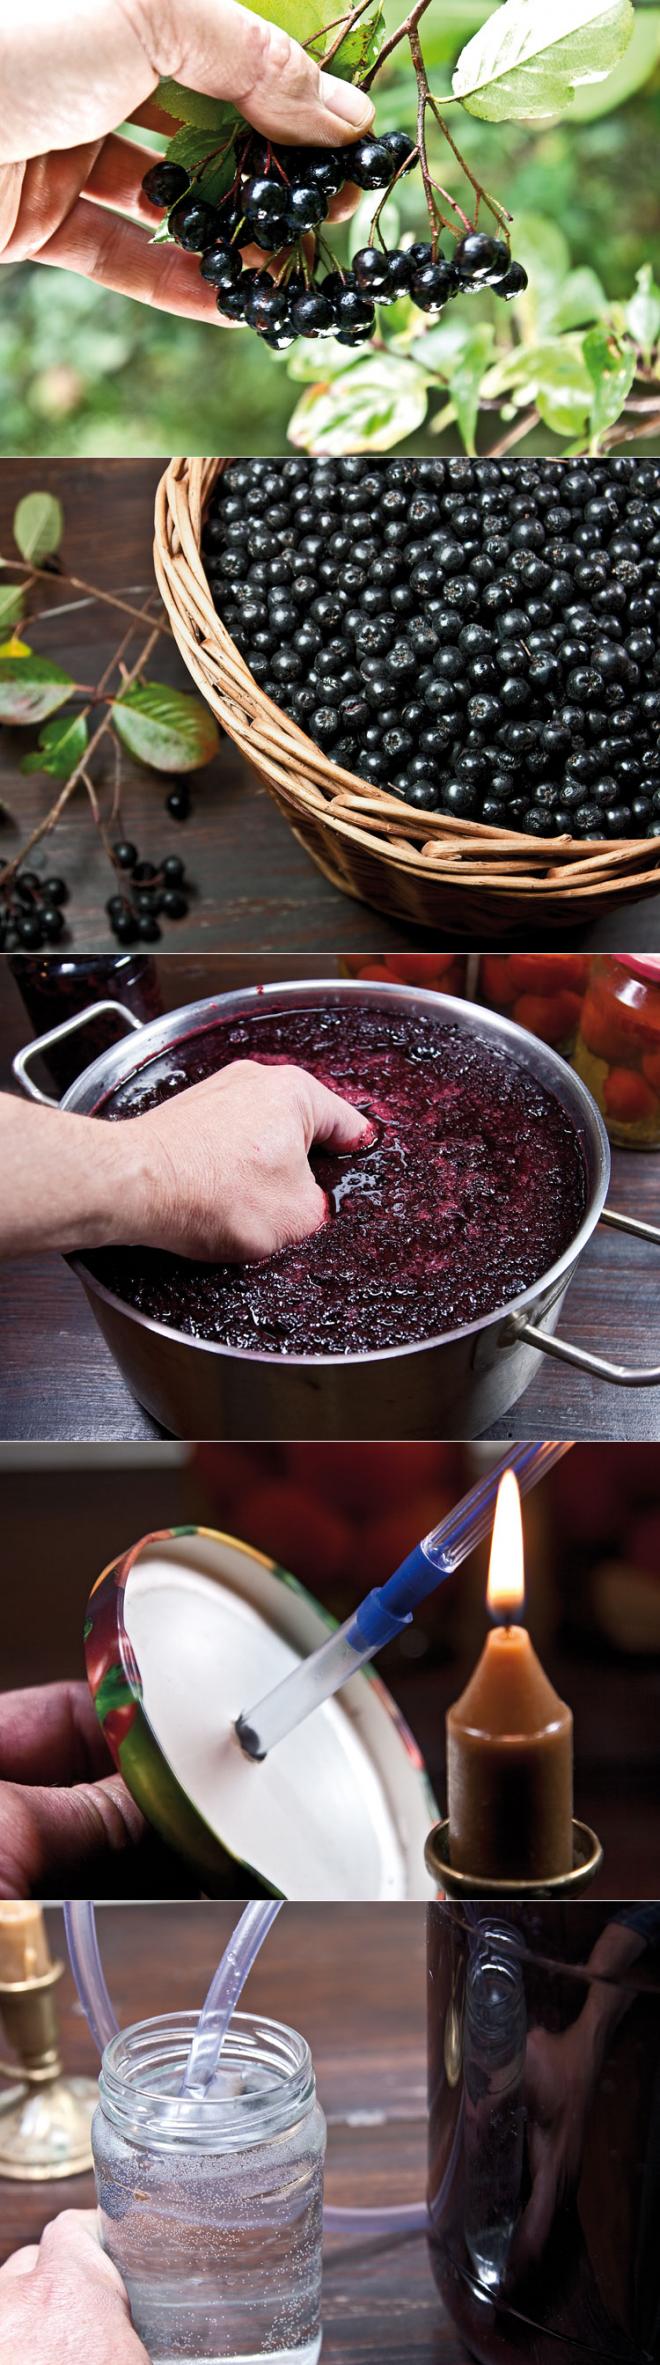 Рецепт вина из черноплодной рябины. как сделать в домашних условиях пошагово?